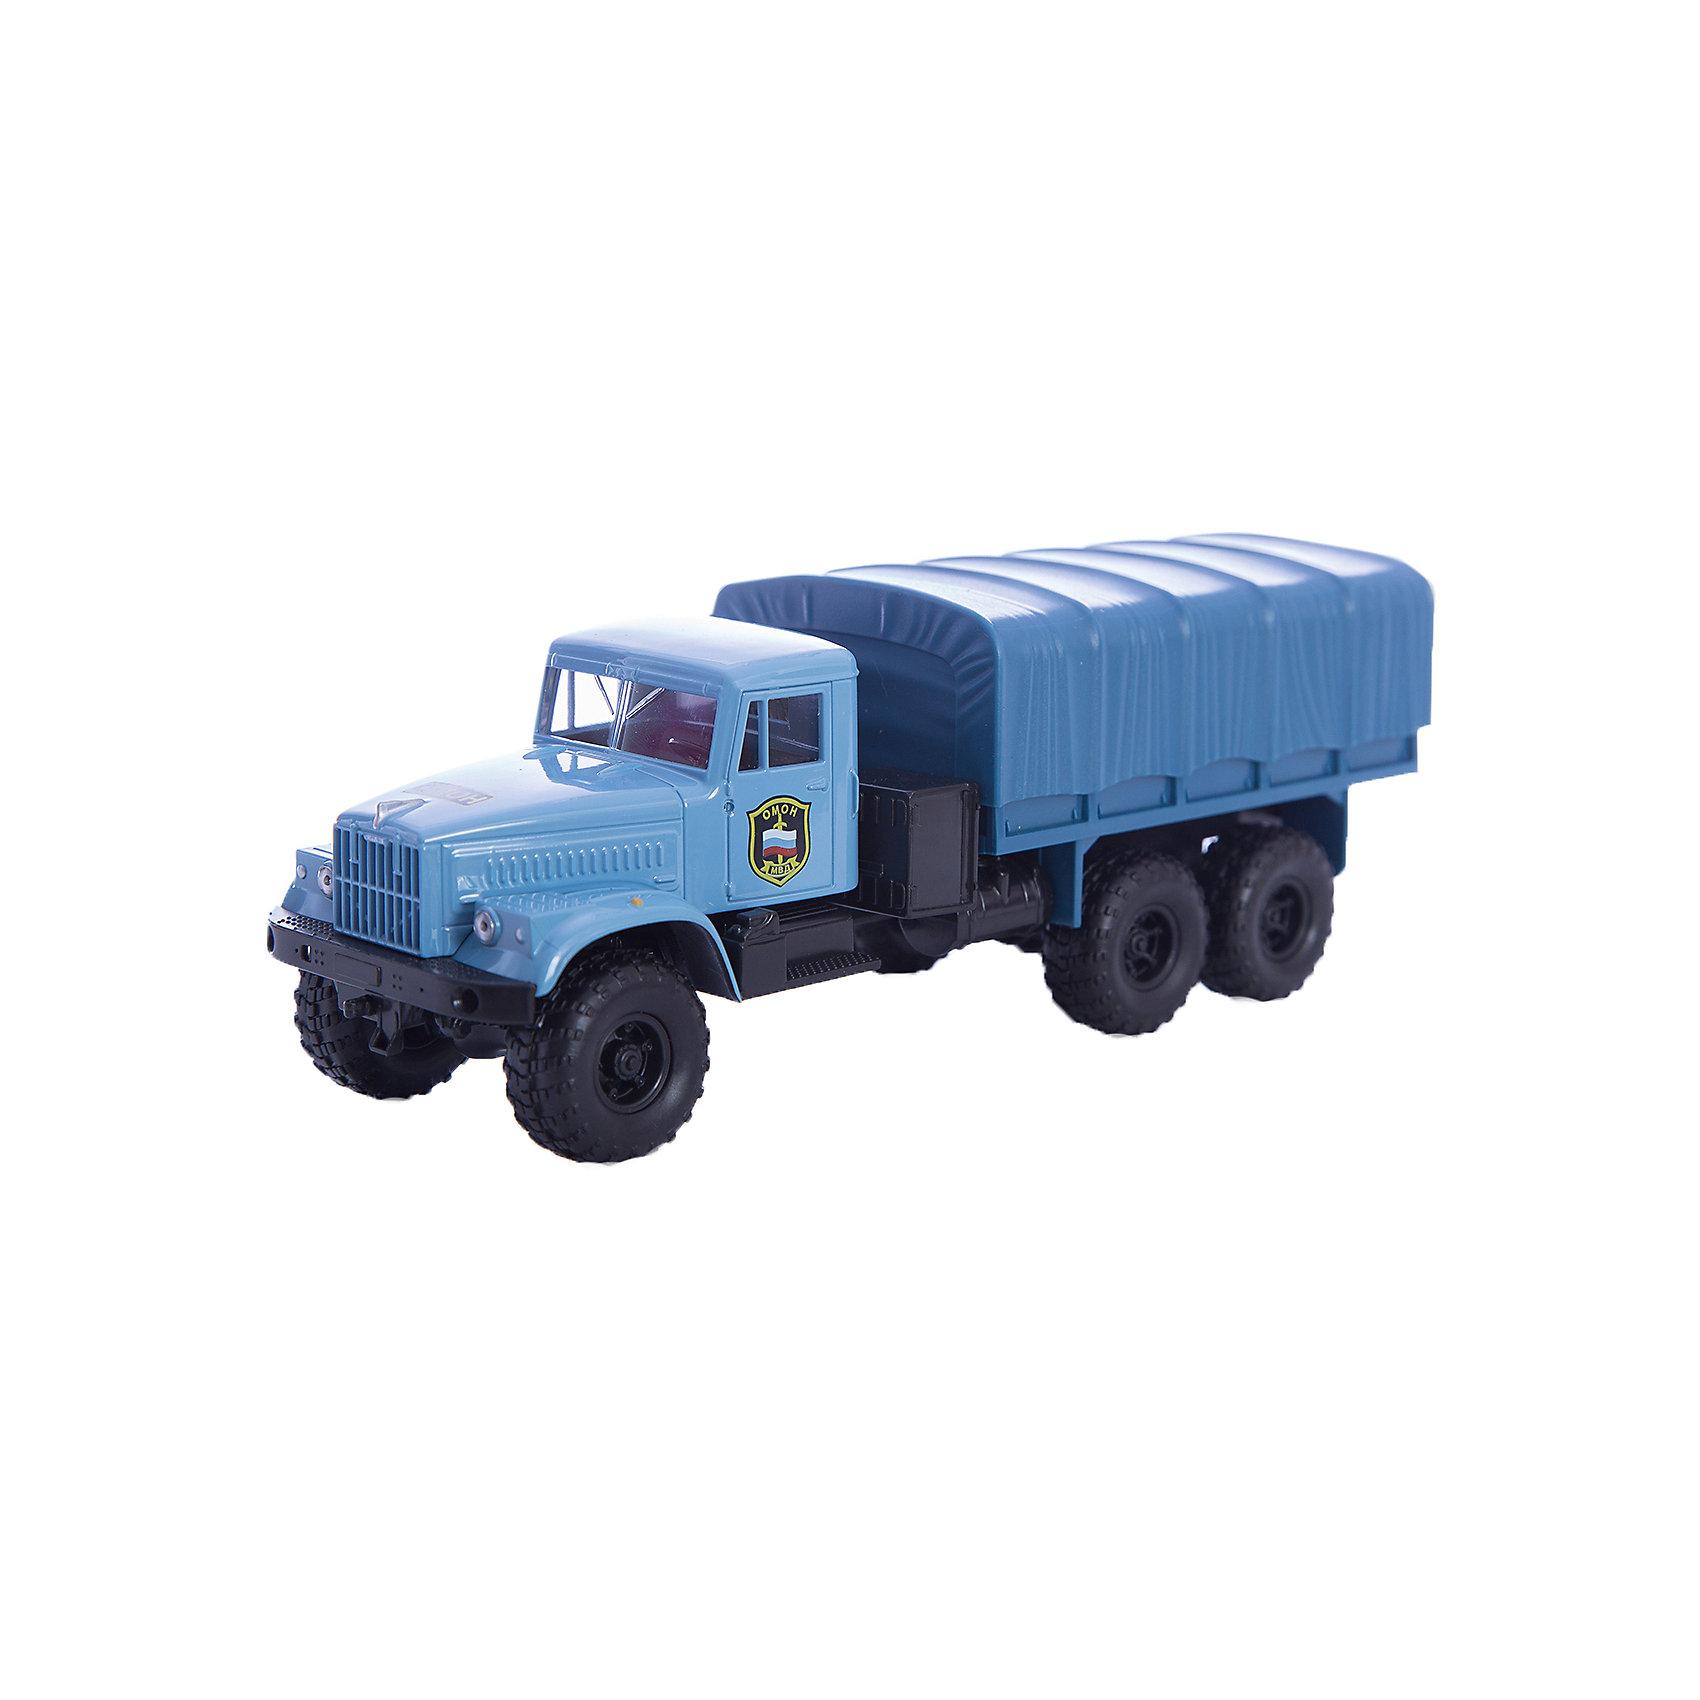 Машинка KRAZ-255B ОМОН, AutotimeМашинки<br>Характеристики товара:<br><br>• цвет: голубой<br>• материал: металл, пластик<br>• длина: 20 см<br>• размер упаковки: 22х7х17 см<br>• вес: 100 г<br>• масштаб: 1:43<br>• хорошая детализация<br>• вращаются колеса<br>• коллекционная<br>• страна бренда: Россия<br>• страна производства: Китай<br><br>Многие мальчики в детстве мечтают стать героями. Эта машинка позволит вашему ребенку представить себя на месте отважного спасателя! Коллекционная модель машины - это уменьшенная копия грузовика. Данная модель выполнена с тщательной детализацией и представлена в масштабе 1:43. Кабина грузовика окрашена в характерный цвет. <br><br>Машинка может выполнять сразу несколько функций: развлекать ребенка, помогать вырабатывать практические качества: ловкость, координацию, мелкую моторику. Также в процессе увлекательной игры развивается фантазия ребенка. Изделие выполнено из сертифицированных материалов, безопасных для детей. Машинка стимулирует двигательную активность ребенка, дает представление об устройстве автомобиля. Эта модель станет отличным подарком как отдельная игрушка, а также может пополнить коллекцию юного ценителя техники.<br><br>Машинку KRAZ-255B ОМОН от бренда AUTOTIME можно купить в нашем интернет-магазине.<br><br>Ширина мм: 250<br>Глубина мм: 95<br>Высота мм: 110<br>Вес г: 25<br>Возраст от месяцев: 36<br>Возраст до месяцев: 2147483647<br>Пол: Мужской<br>Возраст: Детский<br>SKU: 5583998